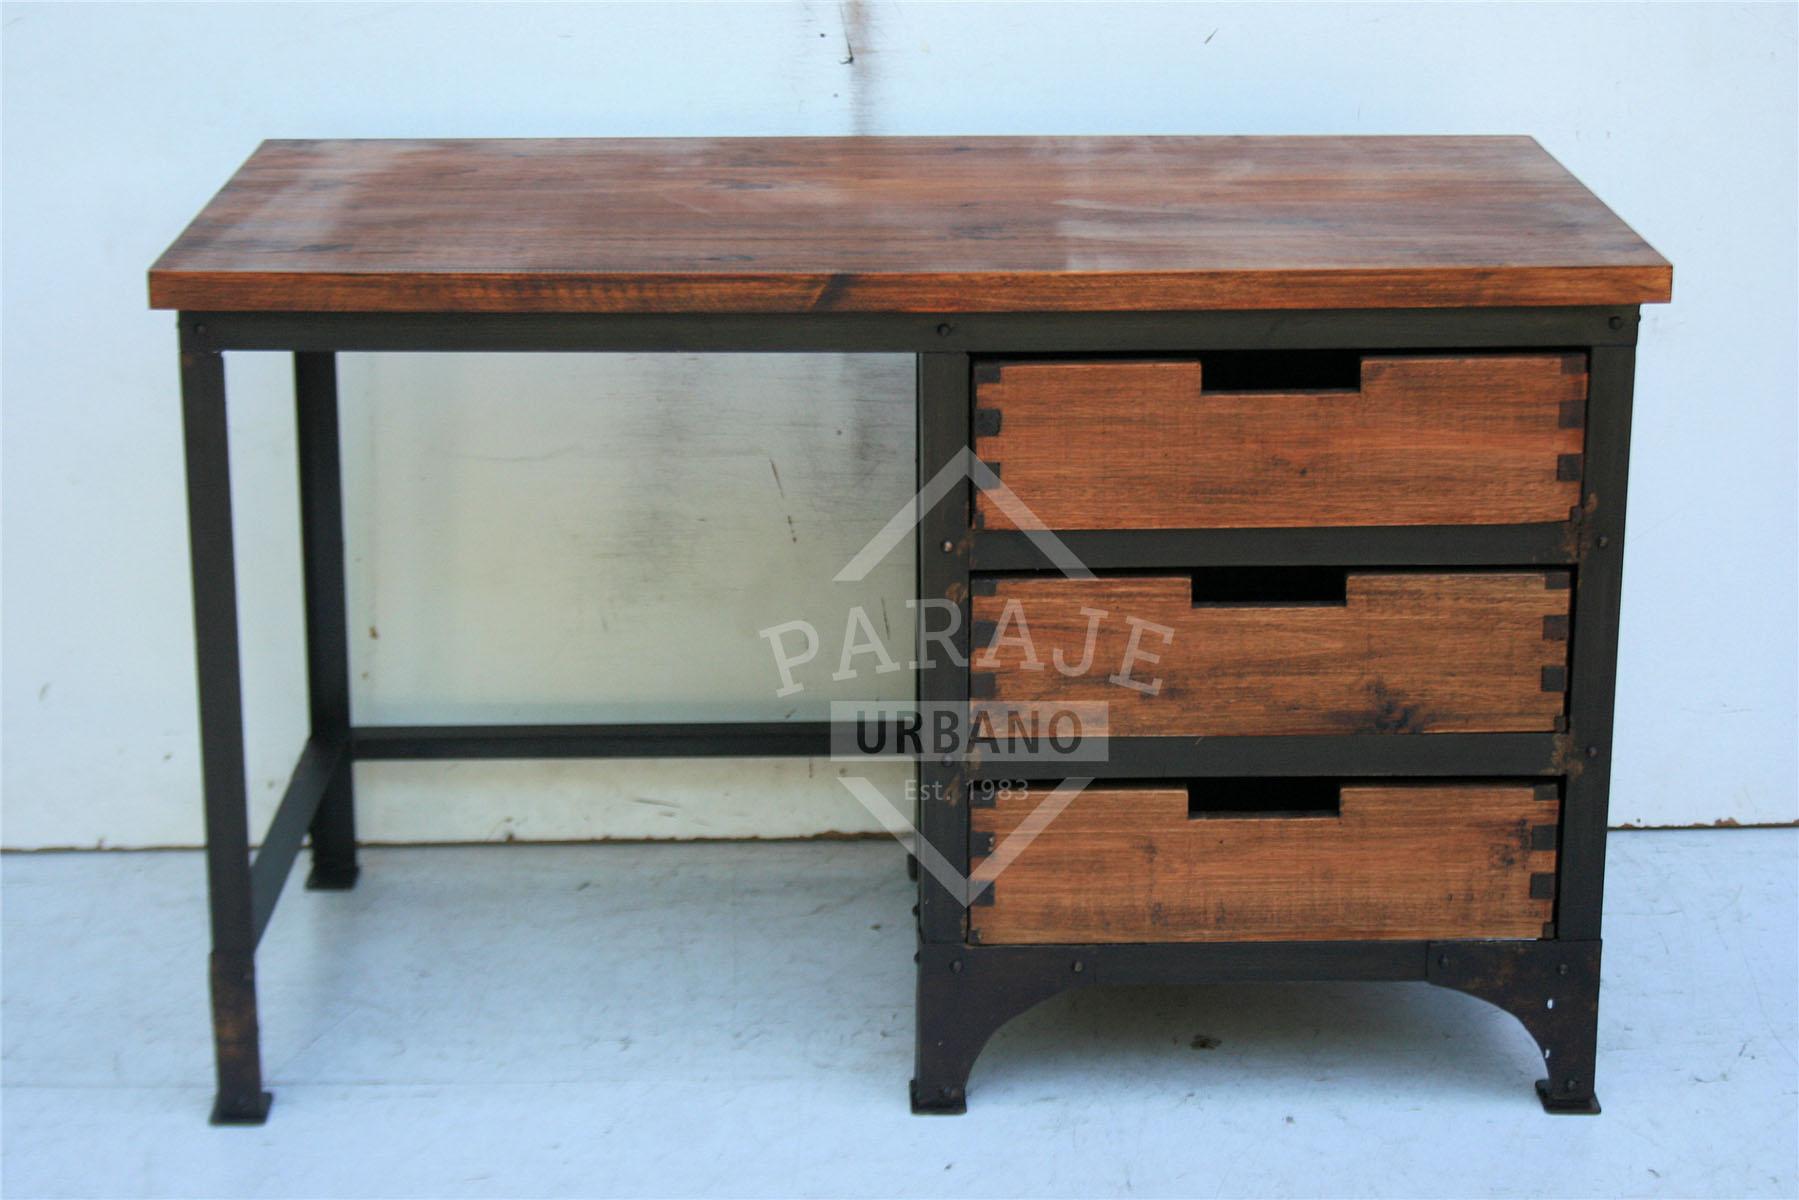 Paraje urbano escritorio hierro y madera con cajones 120cm - Escritorios rusticos de madera ...